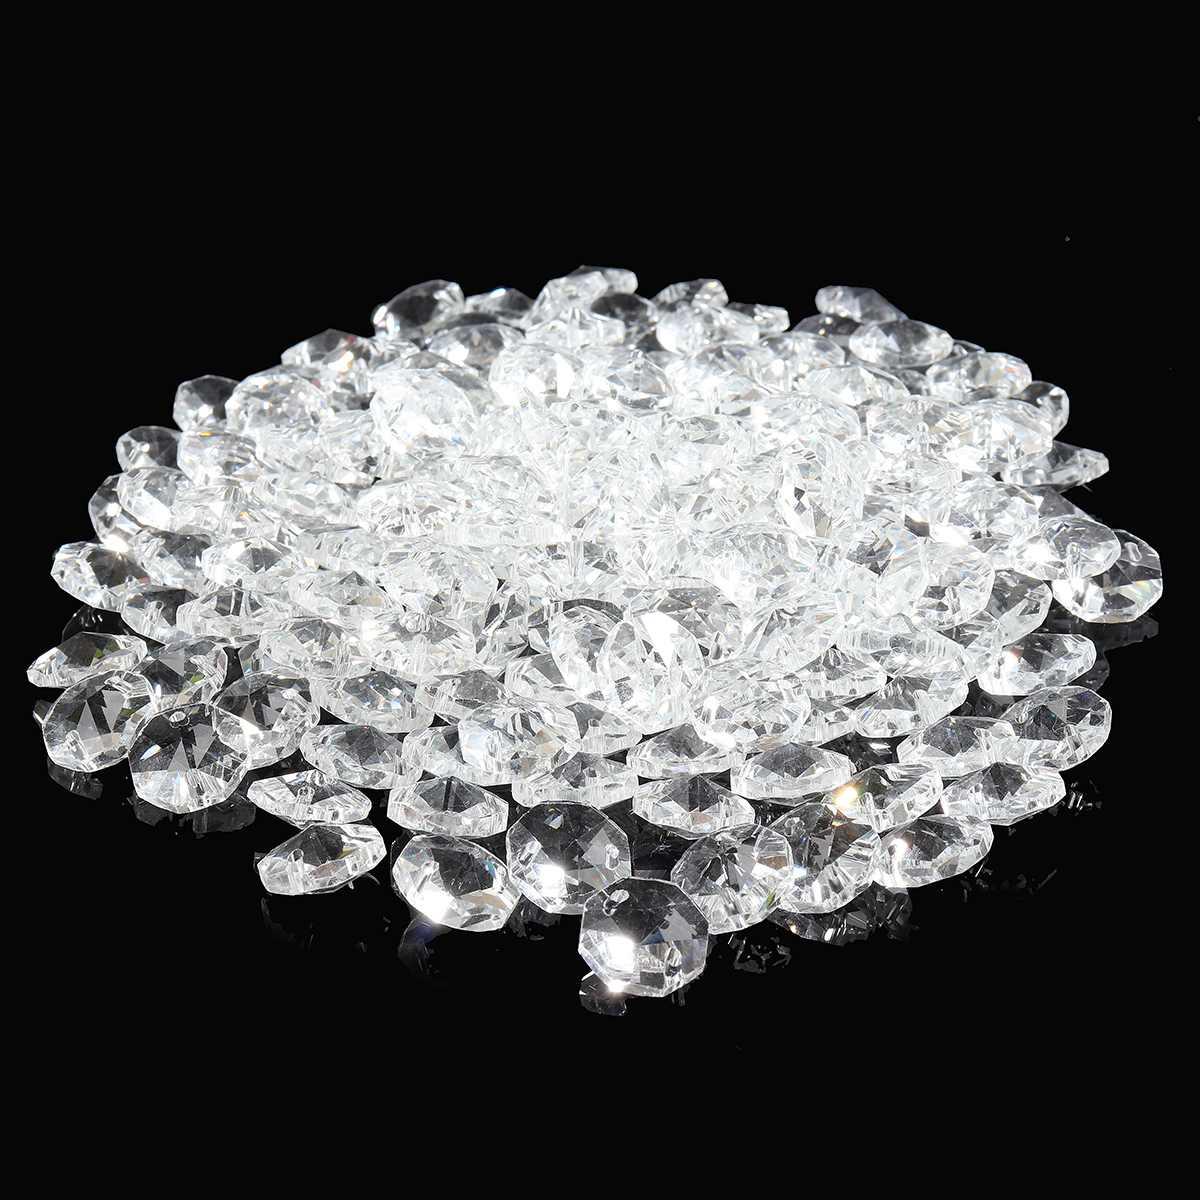 200 шт прозрачный 14 мм хрустальный стеклянный подвесной светильник шар Призма граненый стеклянный подсвечник хрустальные детали подвесной светильник шар для домашнего декора